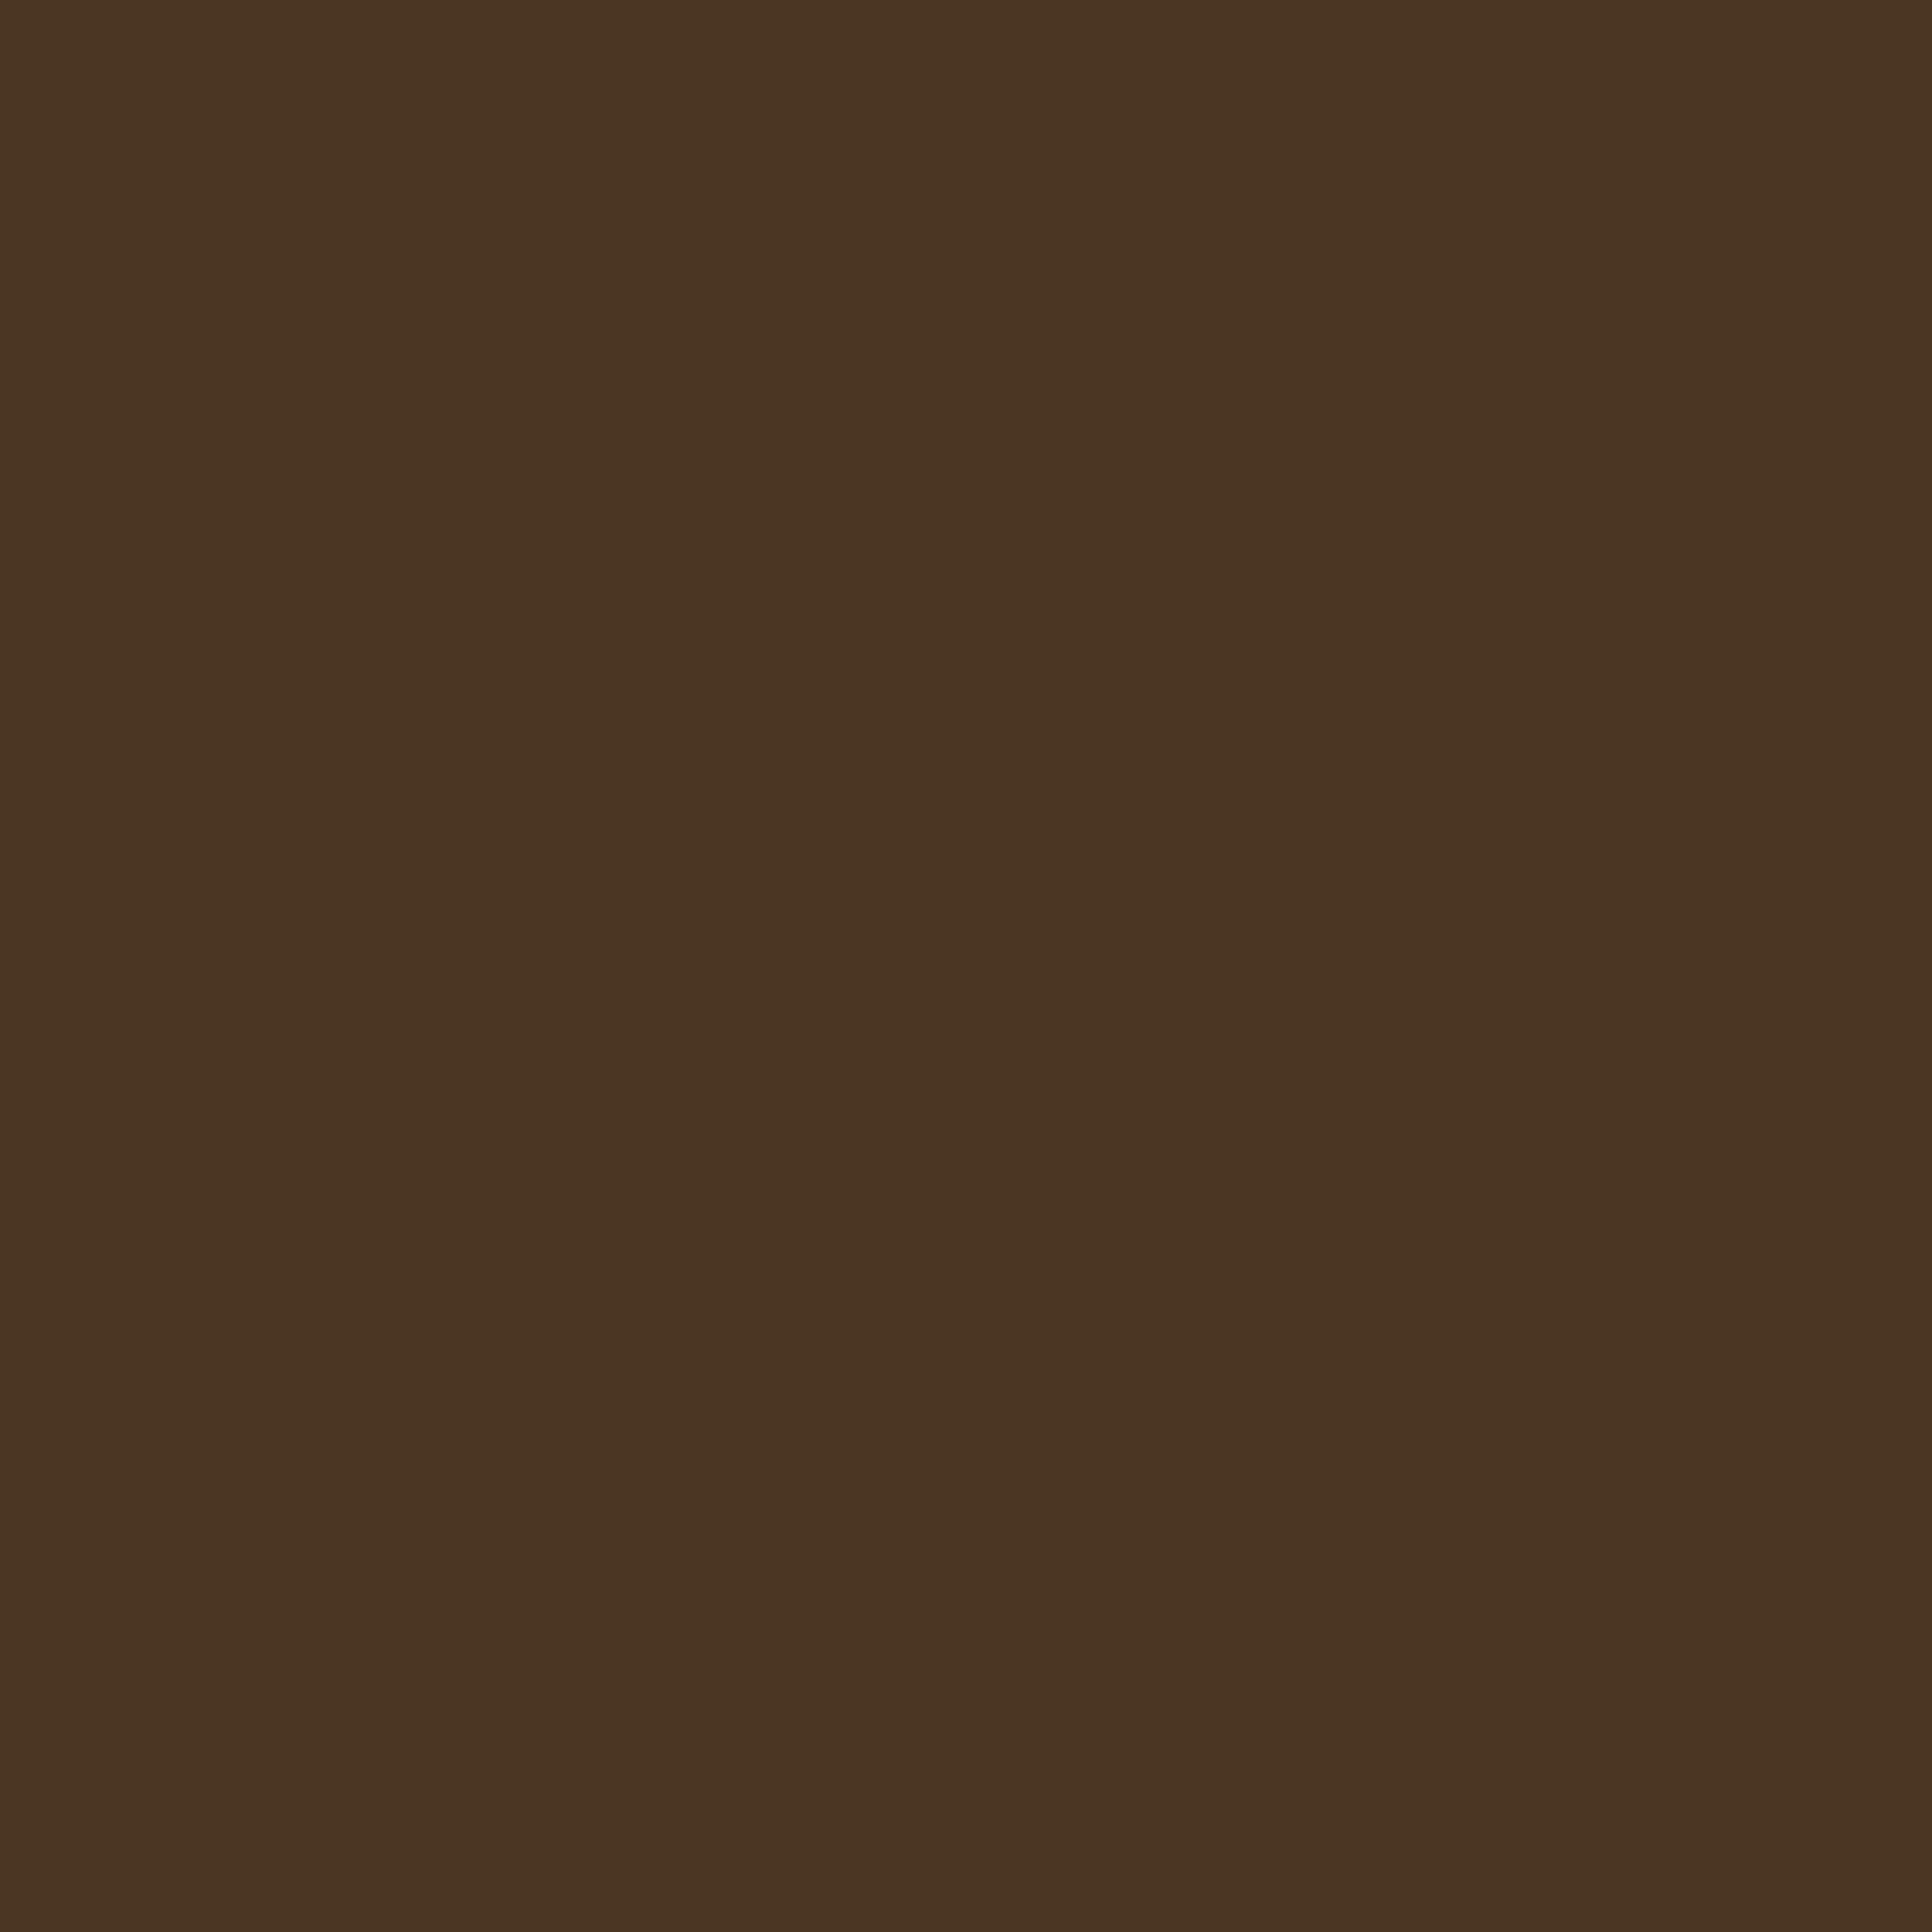 3600x3600 Cafe Noir Solid Color Background